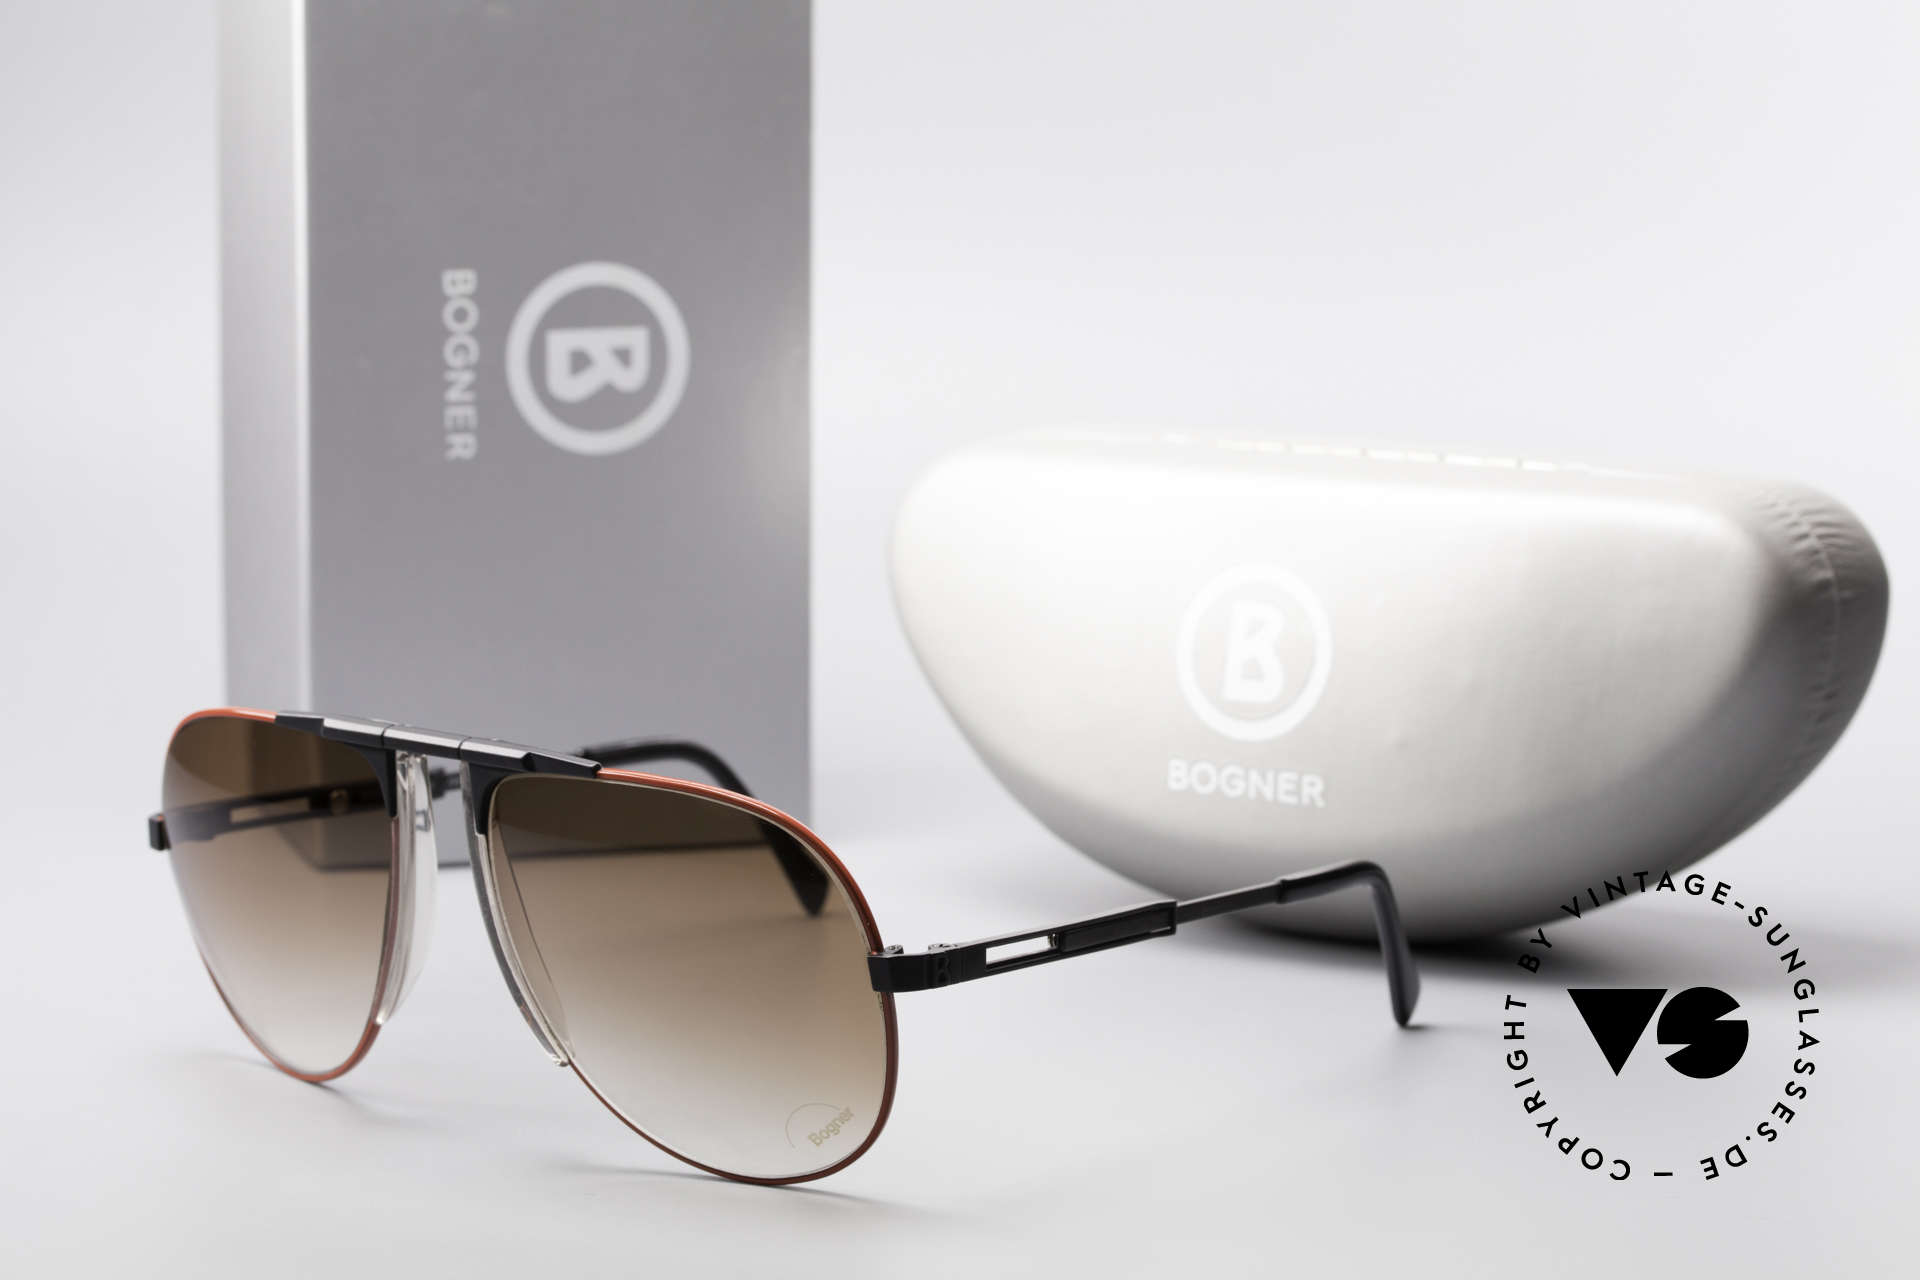 Willy Bogner 7011 Einstellbare 80er Sonnenbrille, Größe: large, Passend für Herren